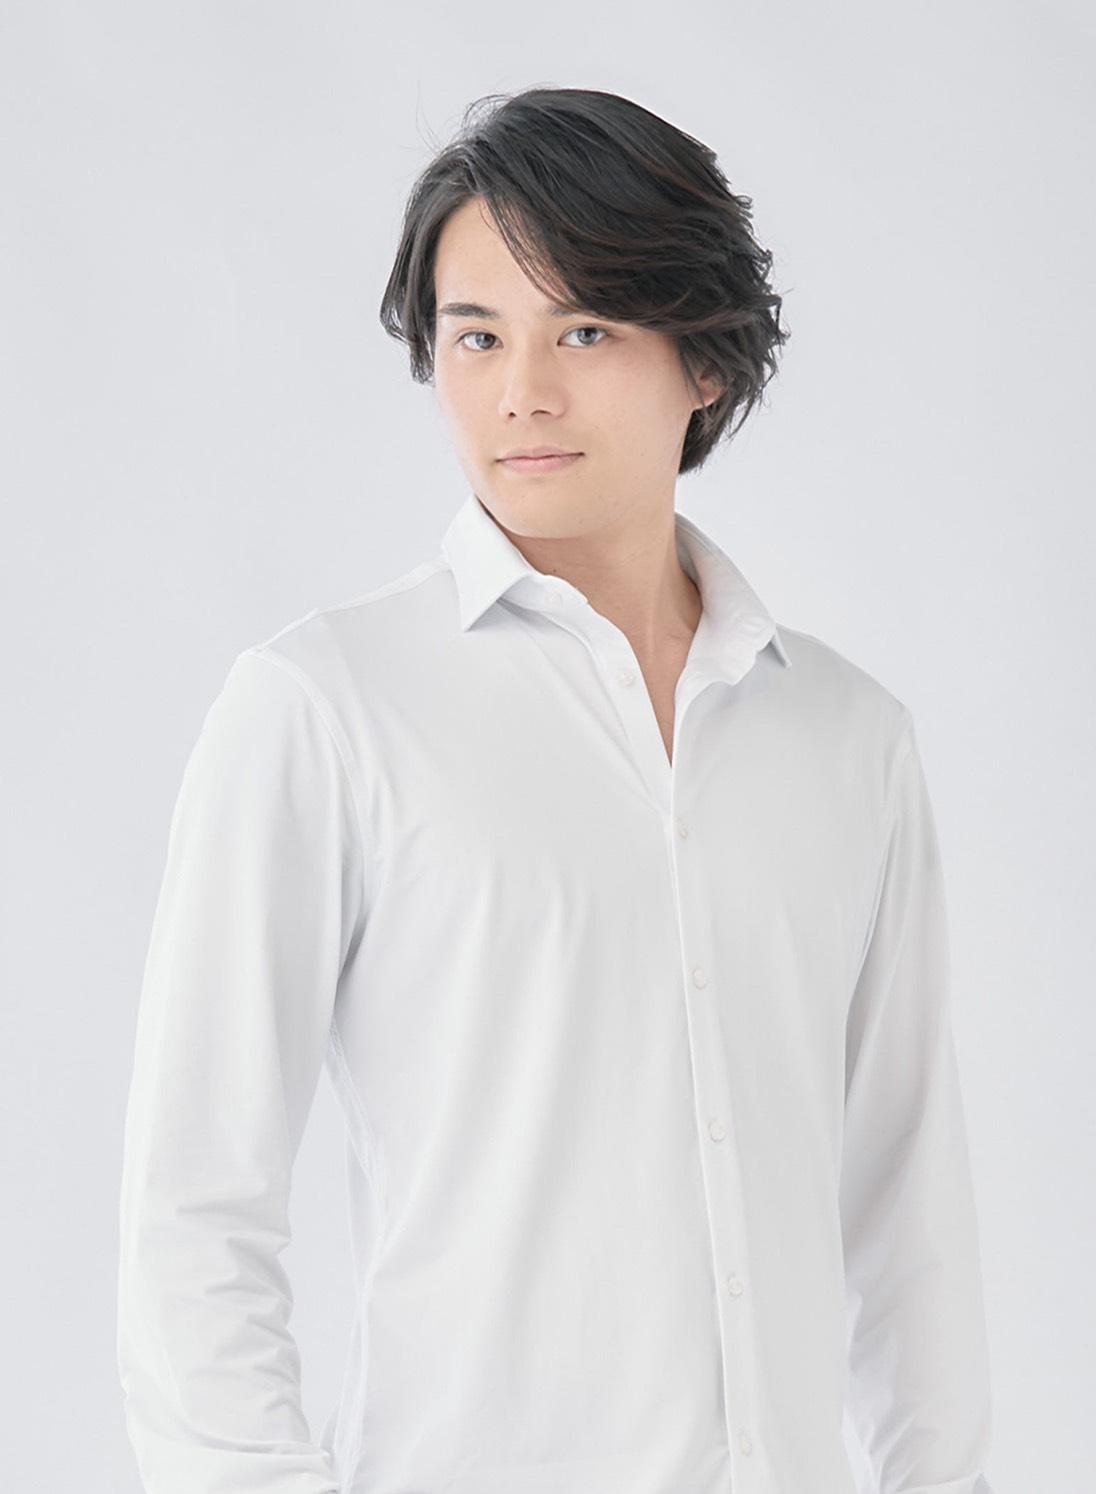 9月10日公開の映画「未成仏百物語」に近藤雄介が出演いたします!